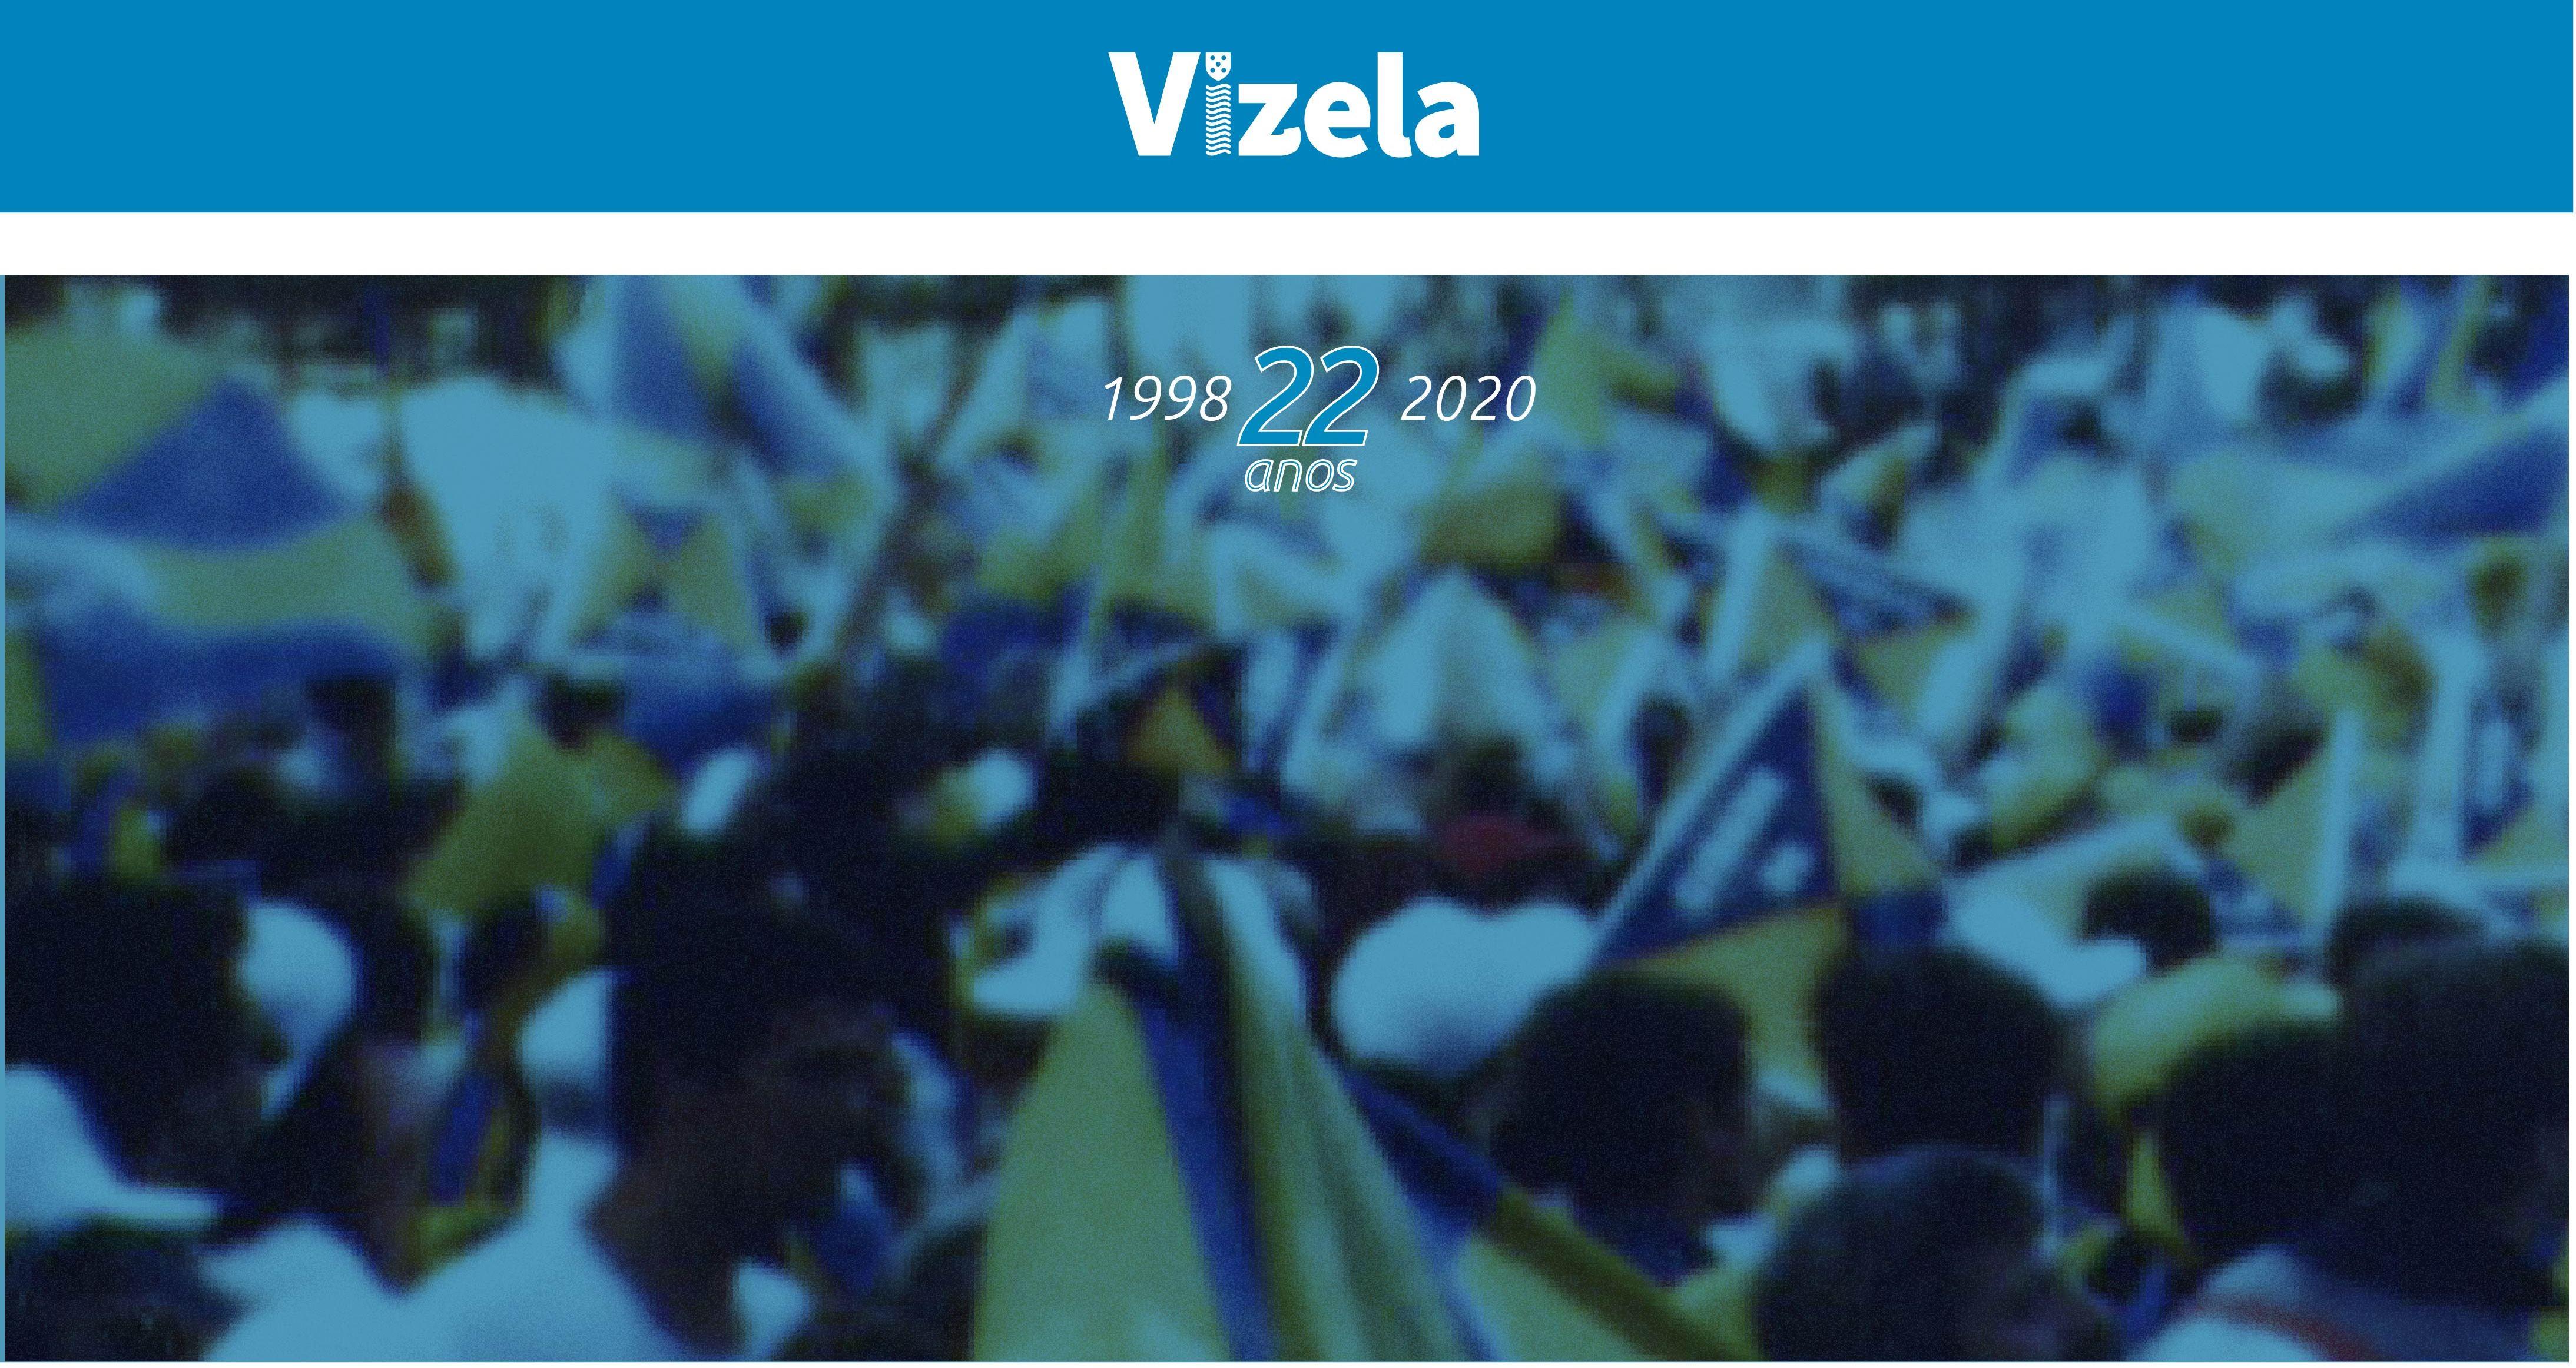 Apresentação do programa comemorativo do 22.º aniversário do Município de Vizela